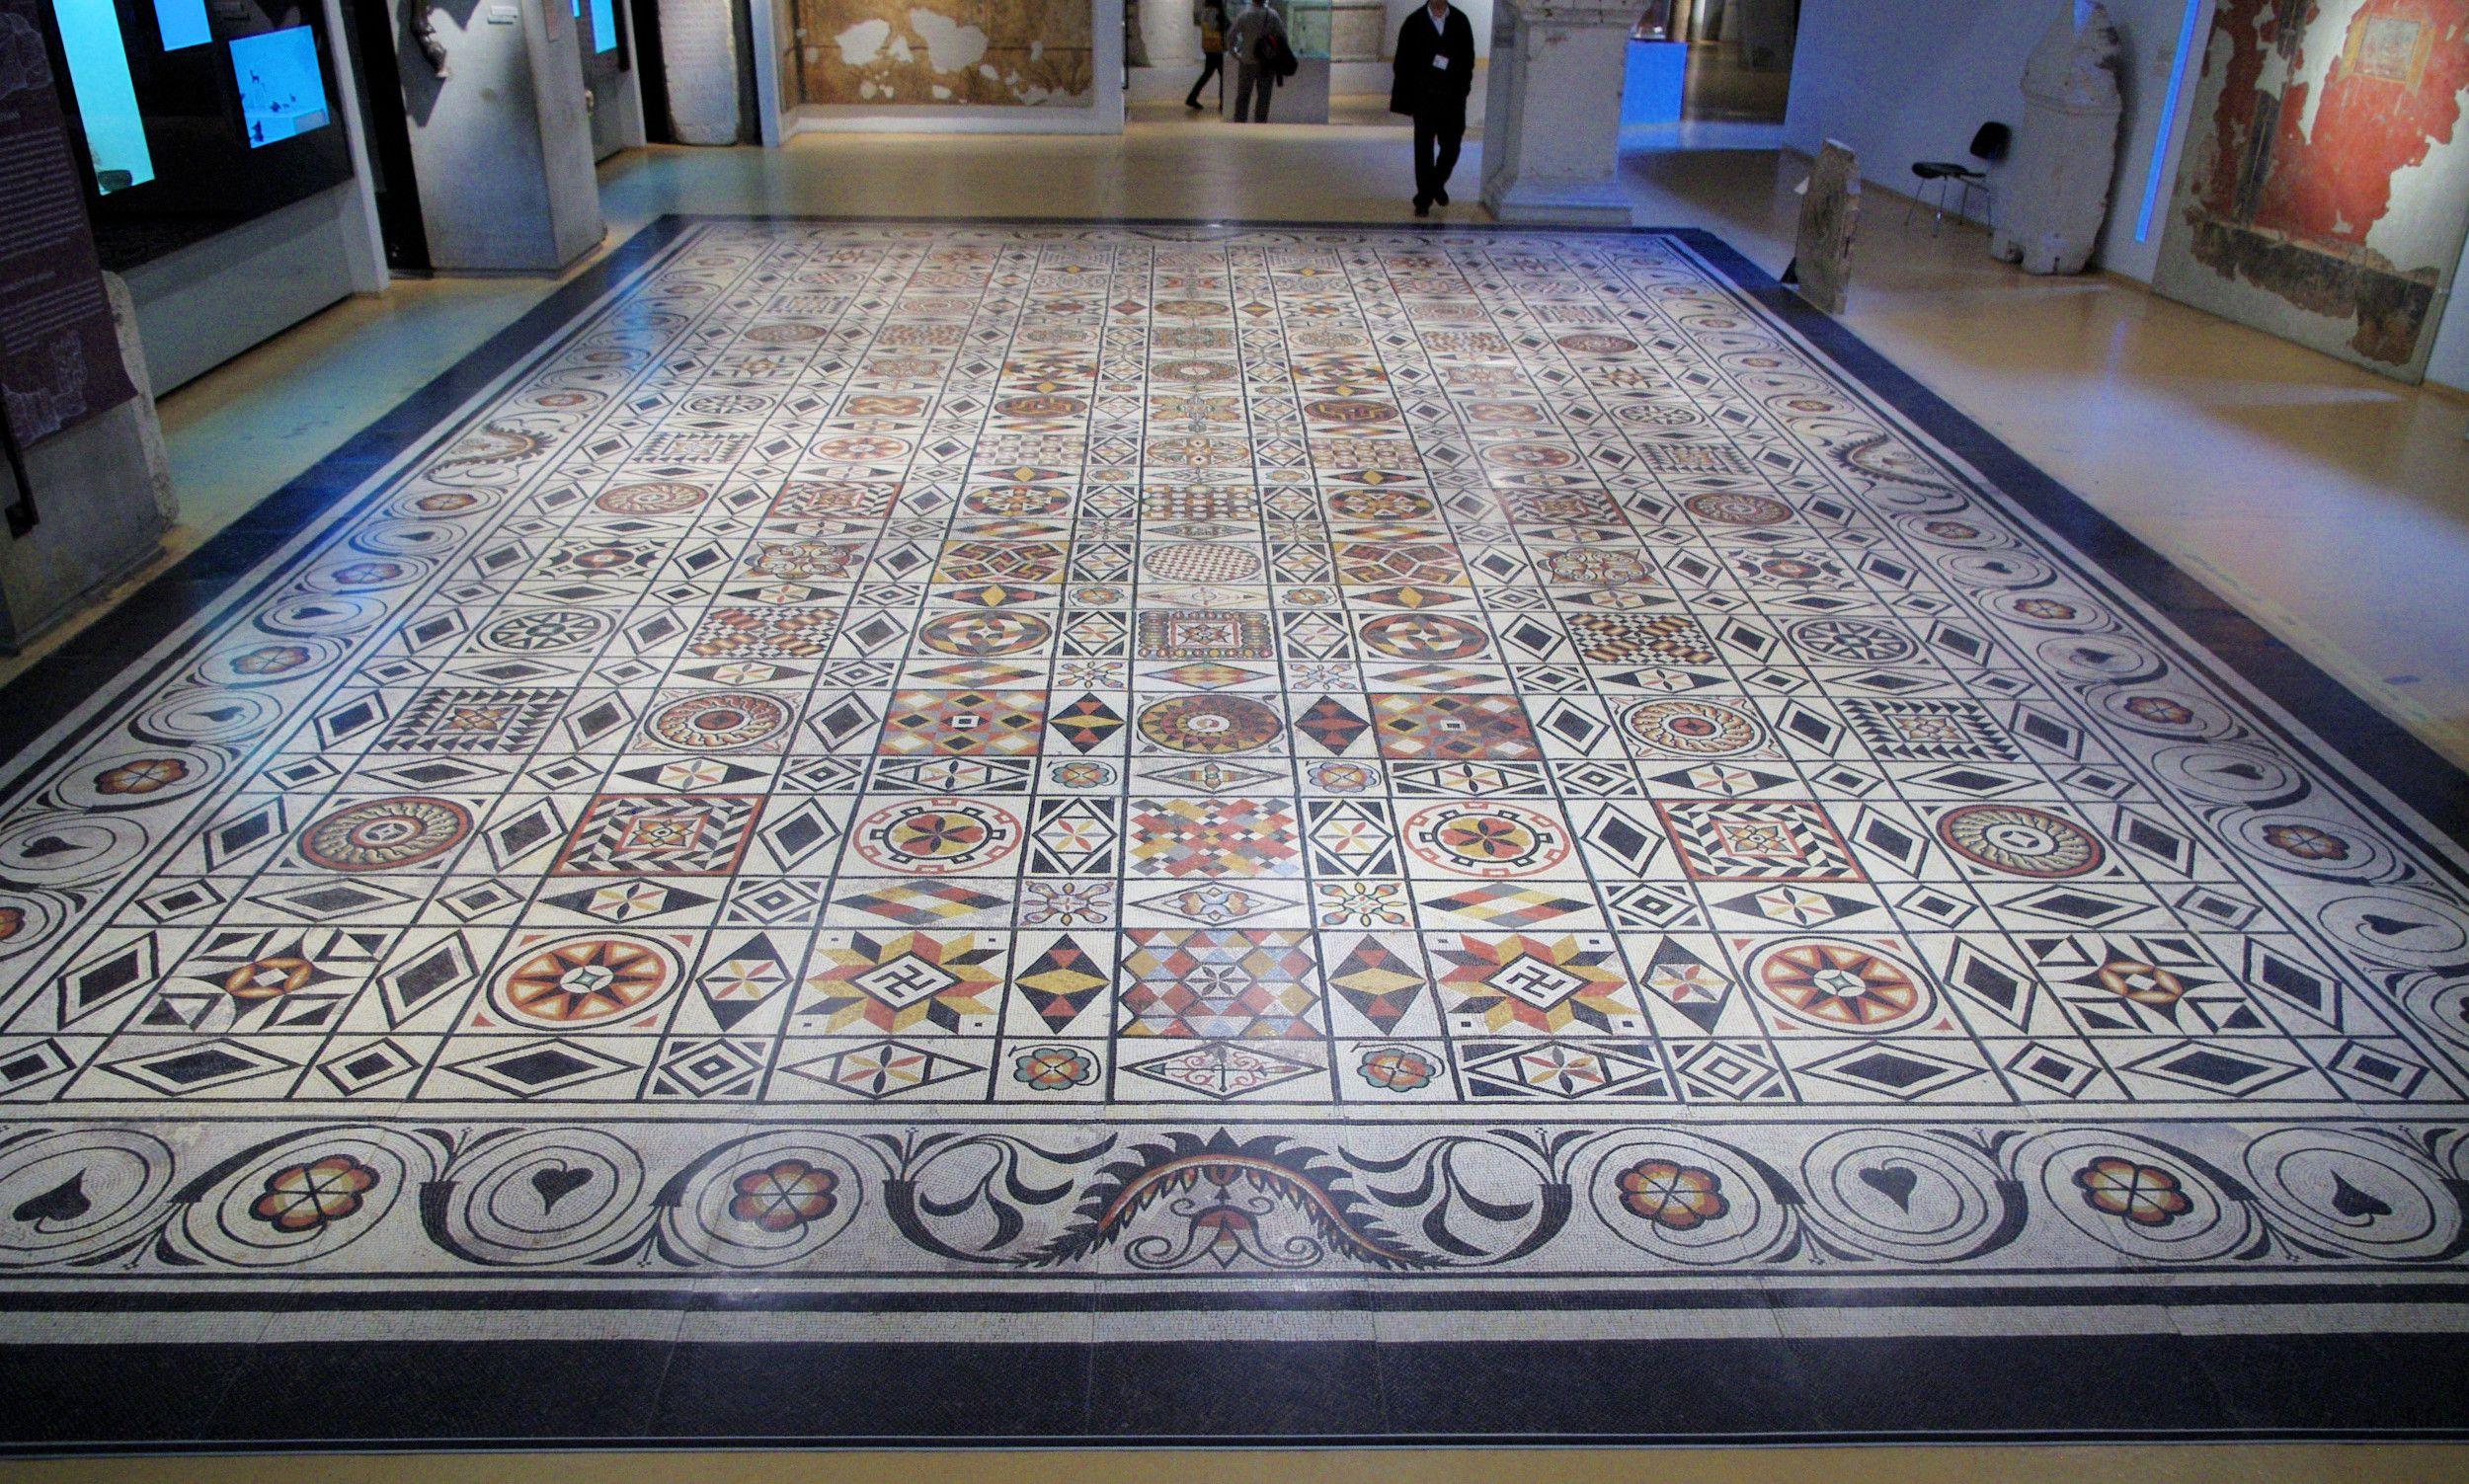 Époque romaine Mosaïque dans le musée gallo-romain de Lyon